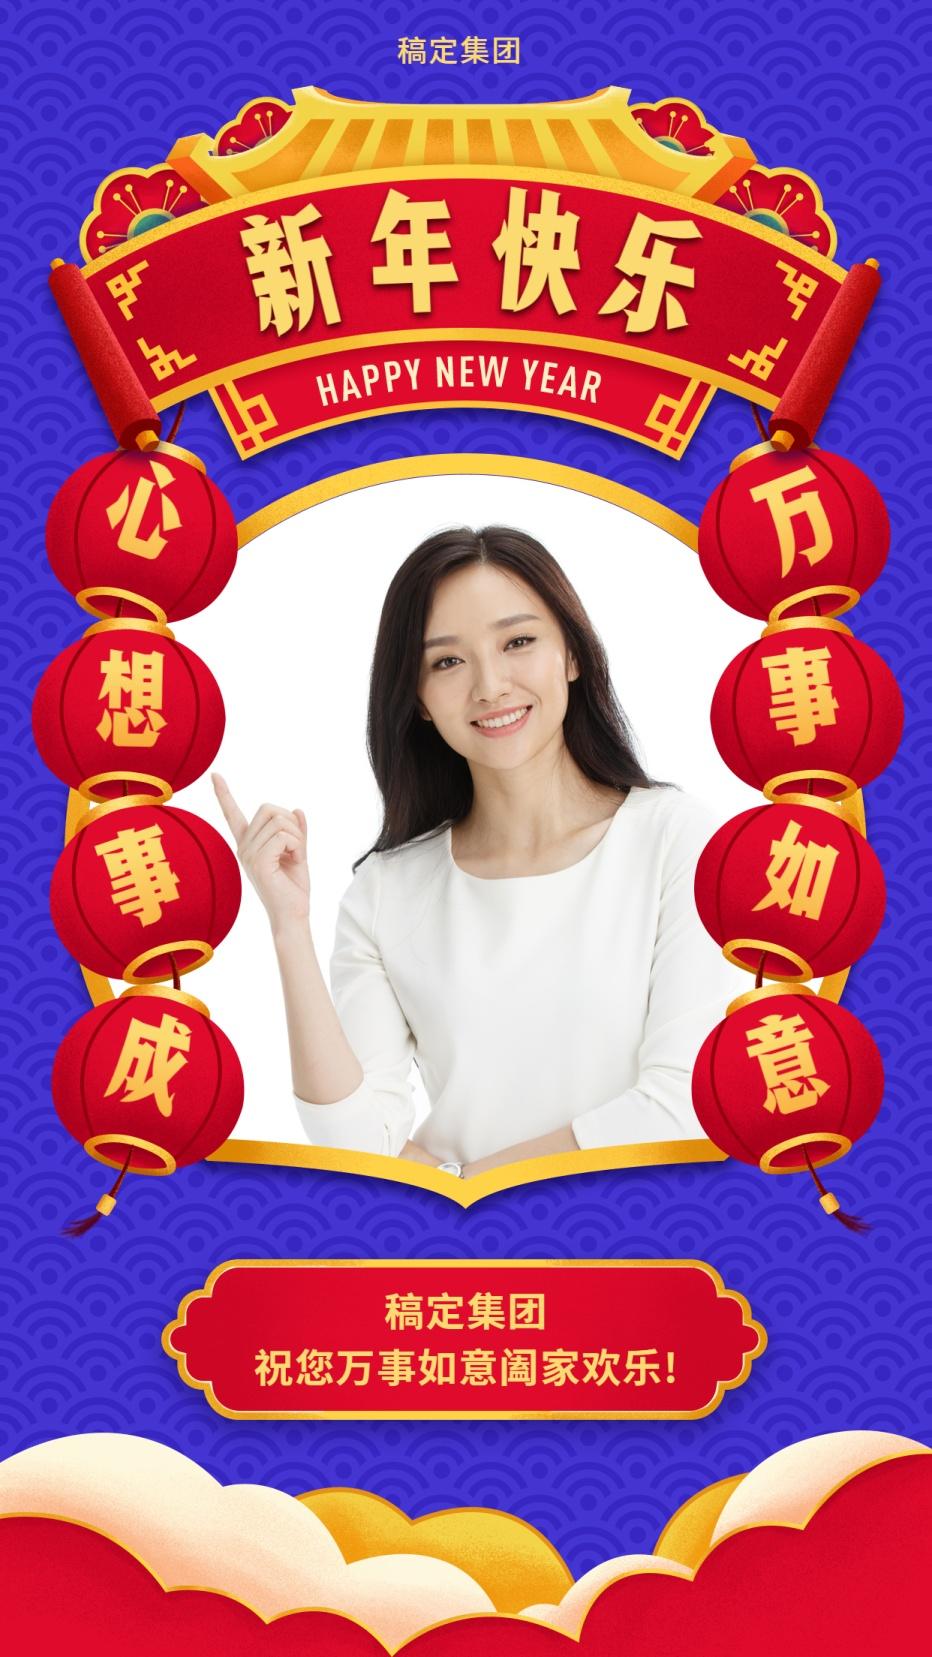 新年快乐拜年海报